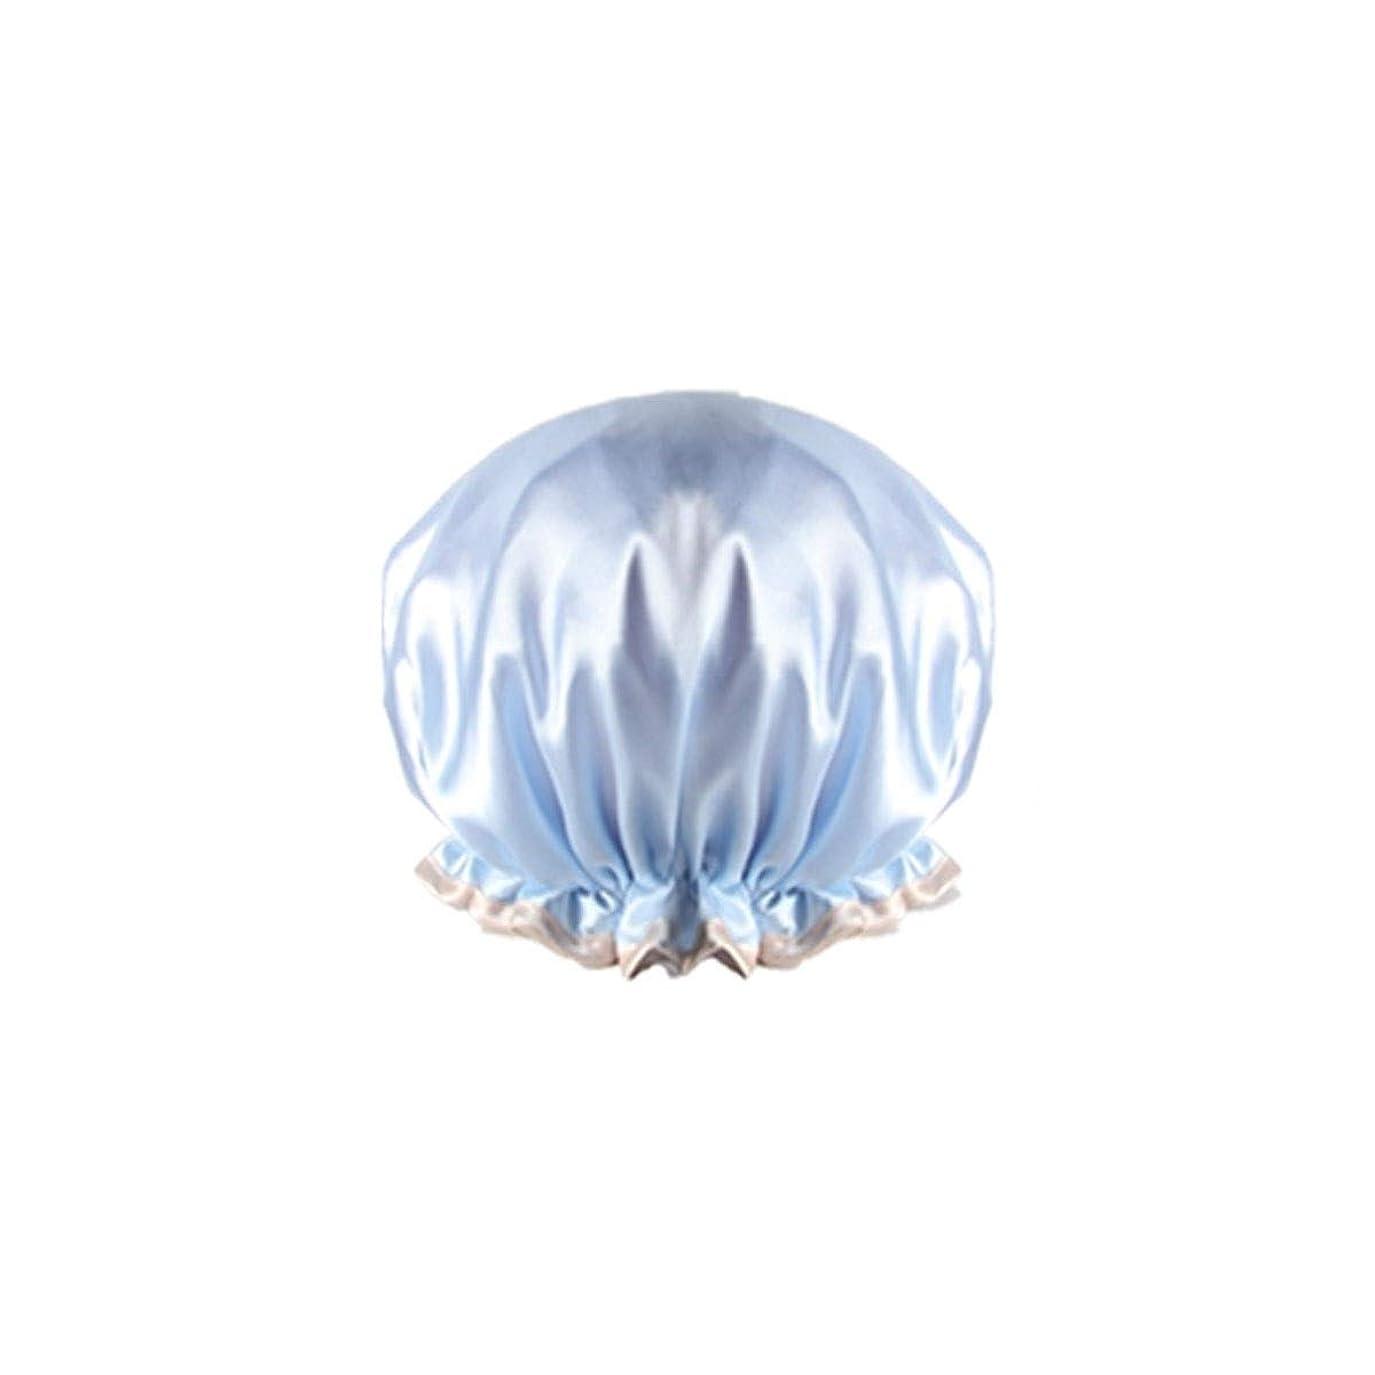 任命するゲインセイ委任するMEIYUFUZHUANG-A シャワーキャップ、防水大人の女性のシャワーキャップ、入浴キッチンフード、シャワーキャップ、ヘアスタイリングキャップ、紫色の抗フードキャップ、ピンク、ブルー、シャンパン、 家庭用品 (Color : Blue)